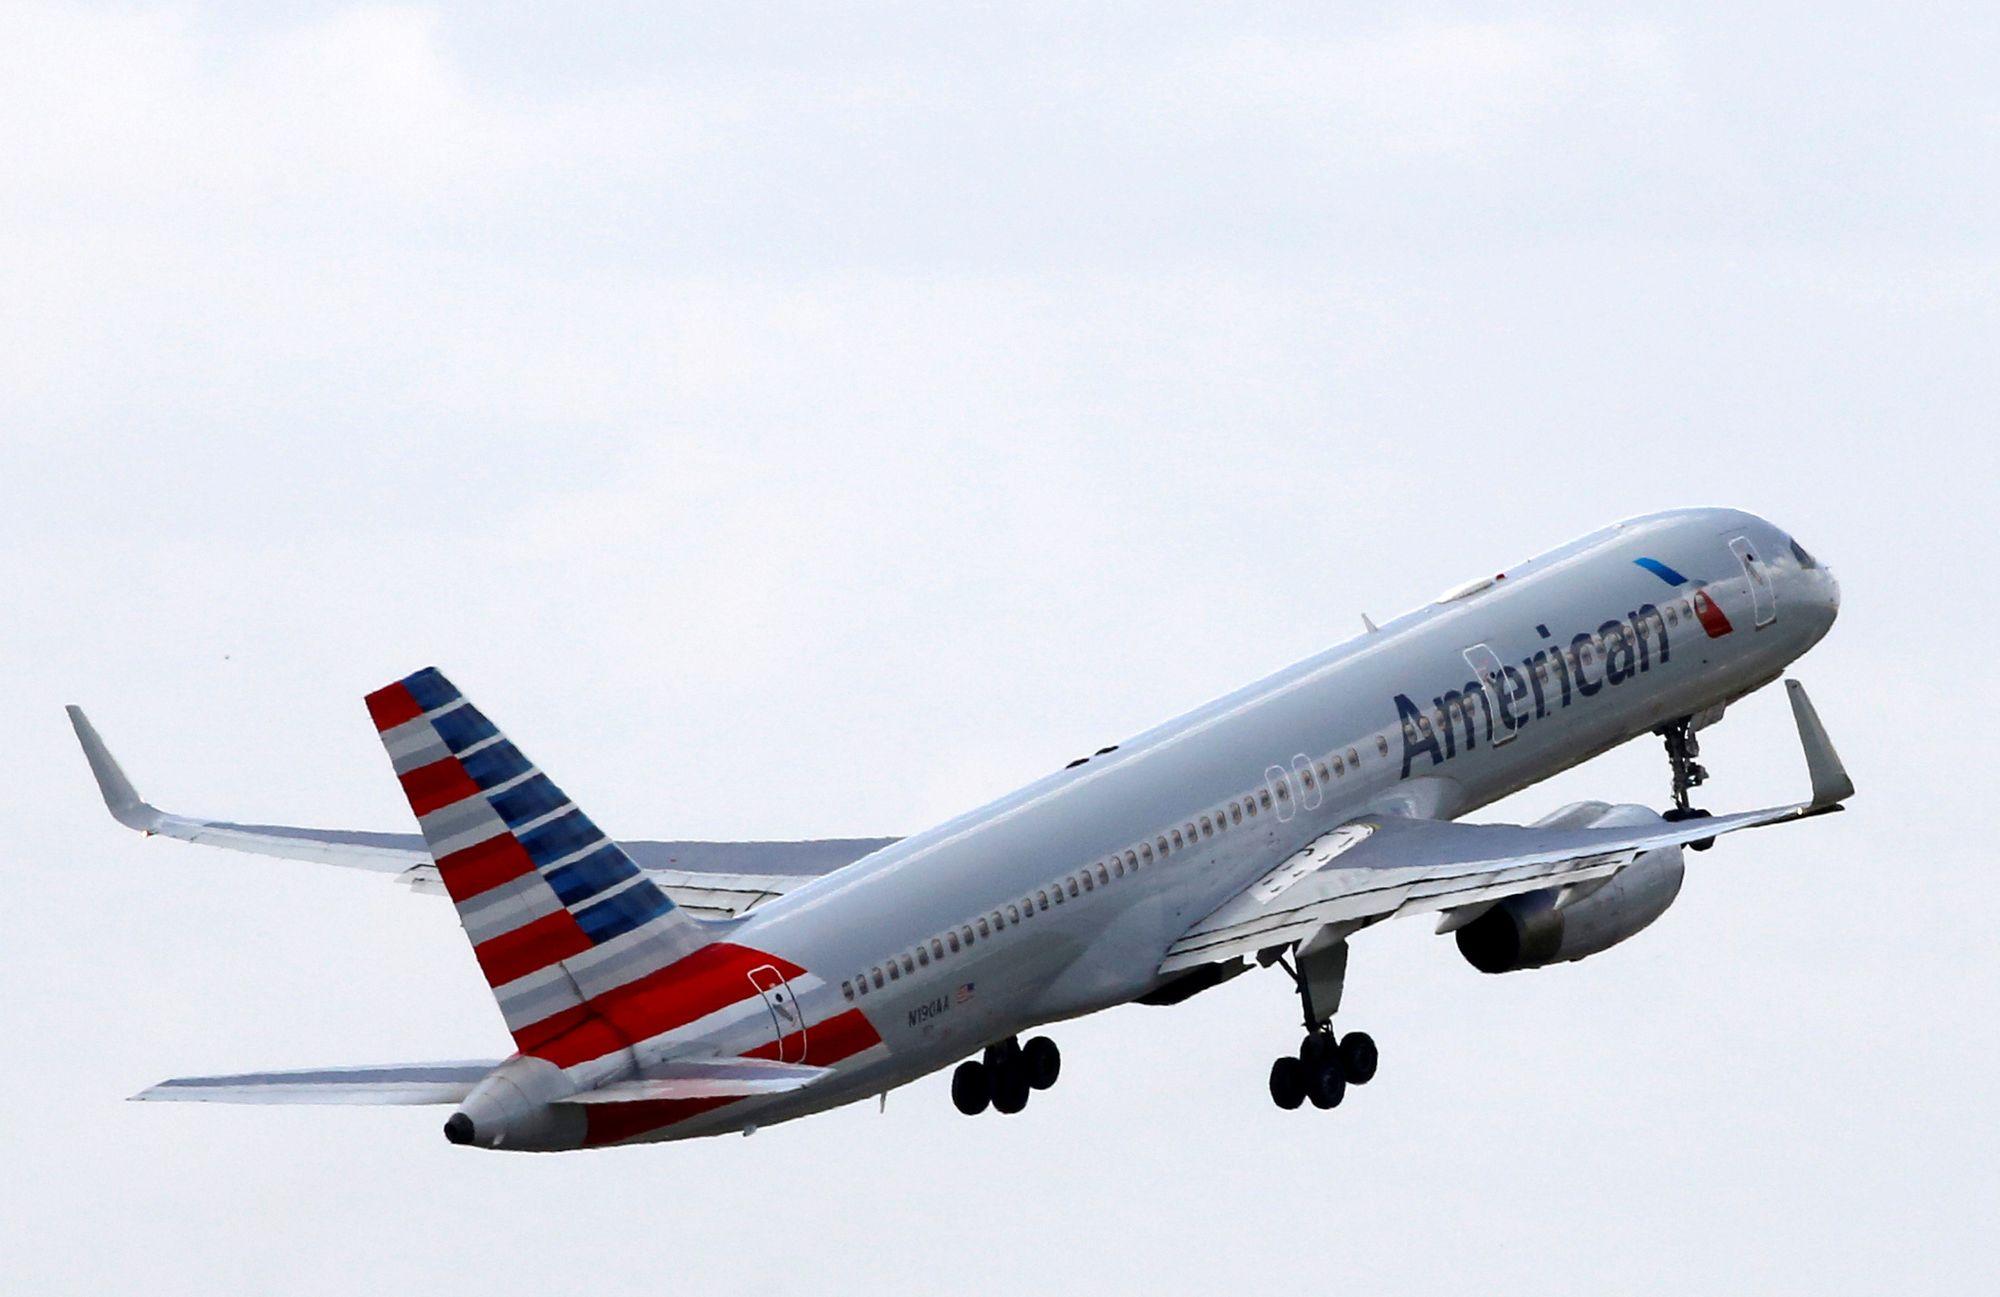 Det var et tilsvarende fly som dette, en Boeing 757, som DHS greide å hacke. Det avbildede flyet tilhører American Airlines.